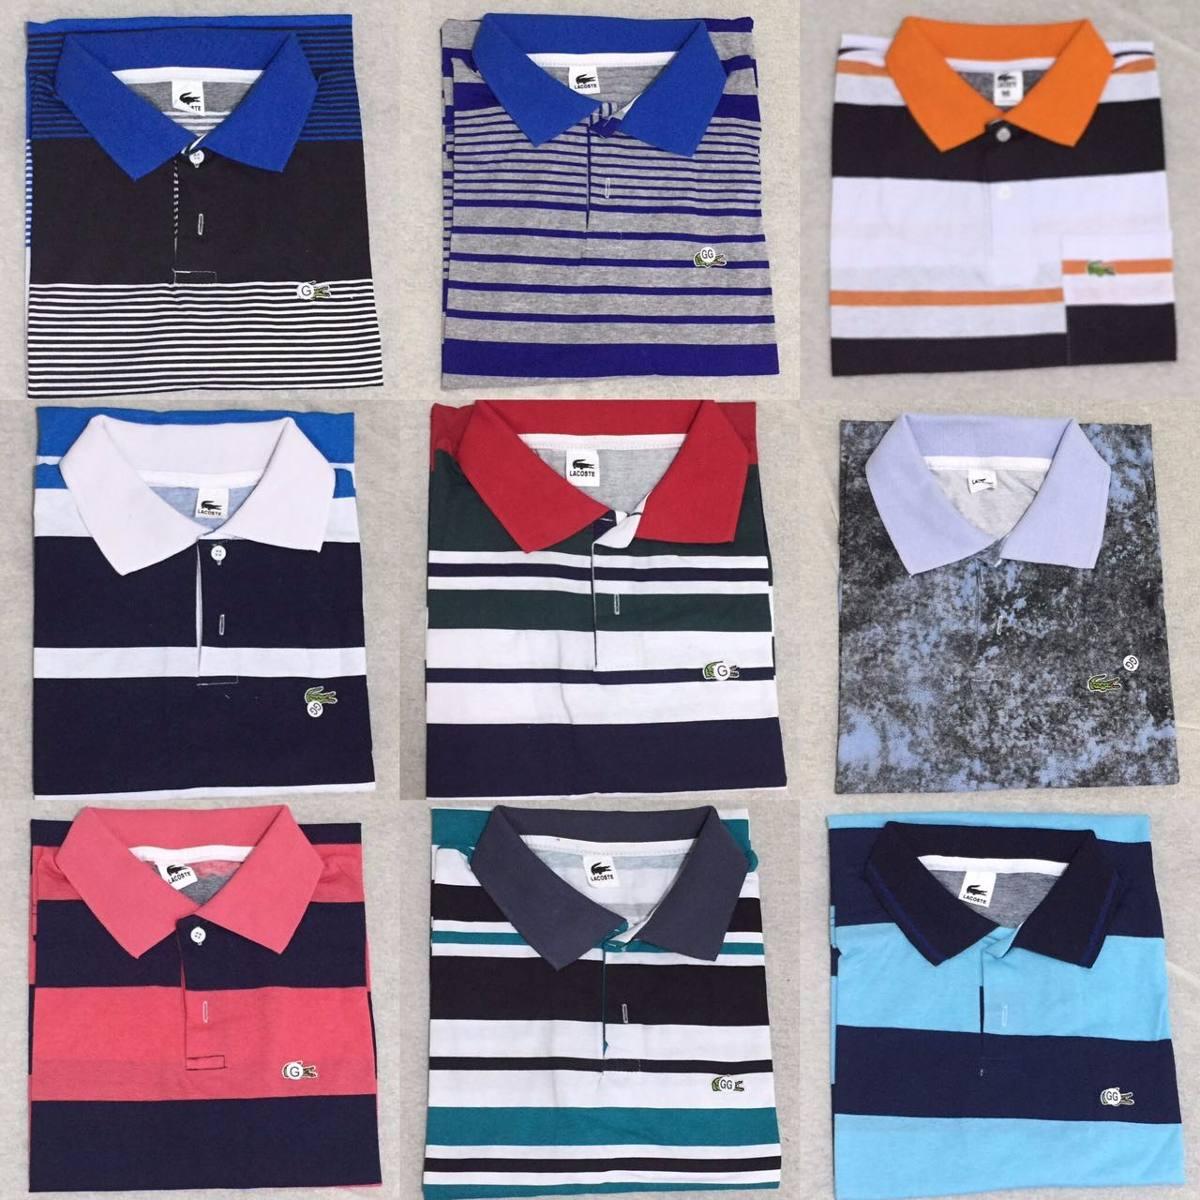 20e5998f854 kit 10 camisa polo masculina lacoste listrada. Carregando zoom.